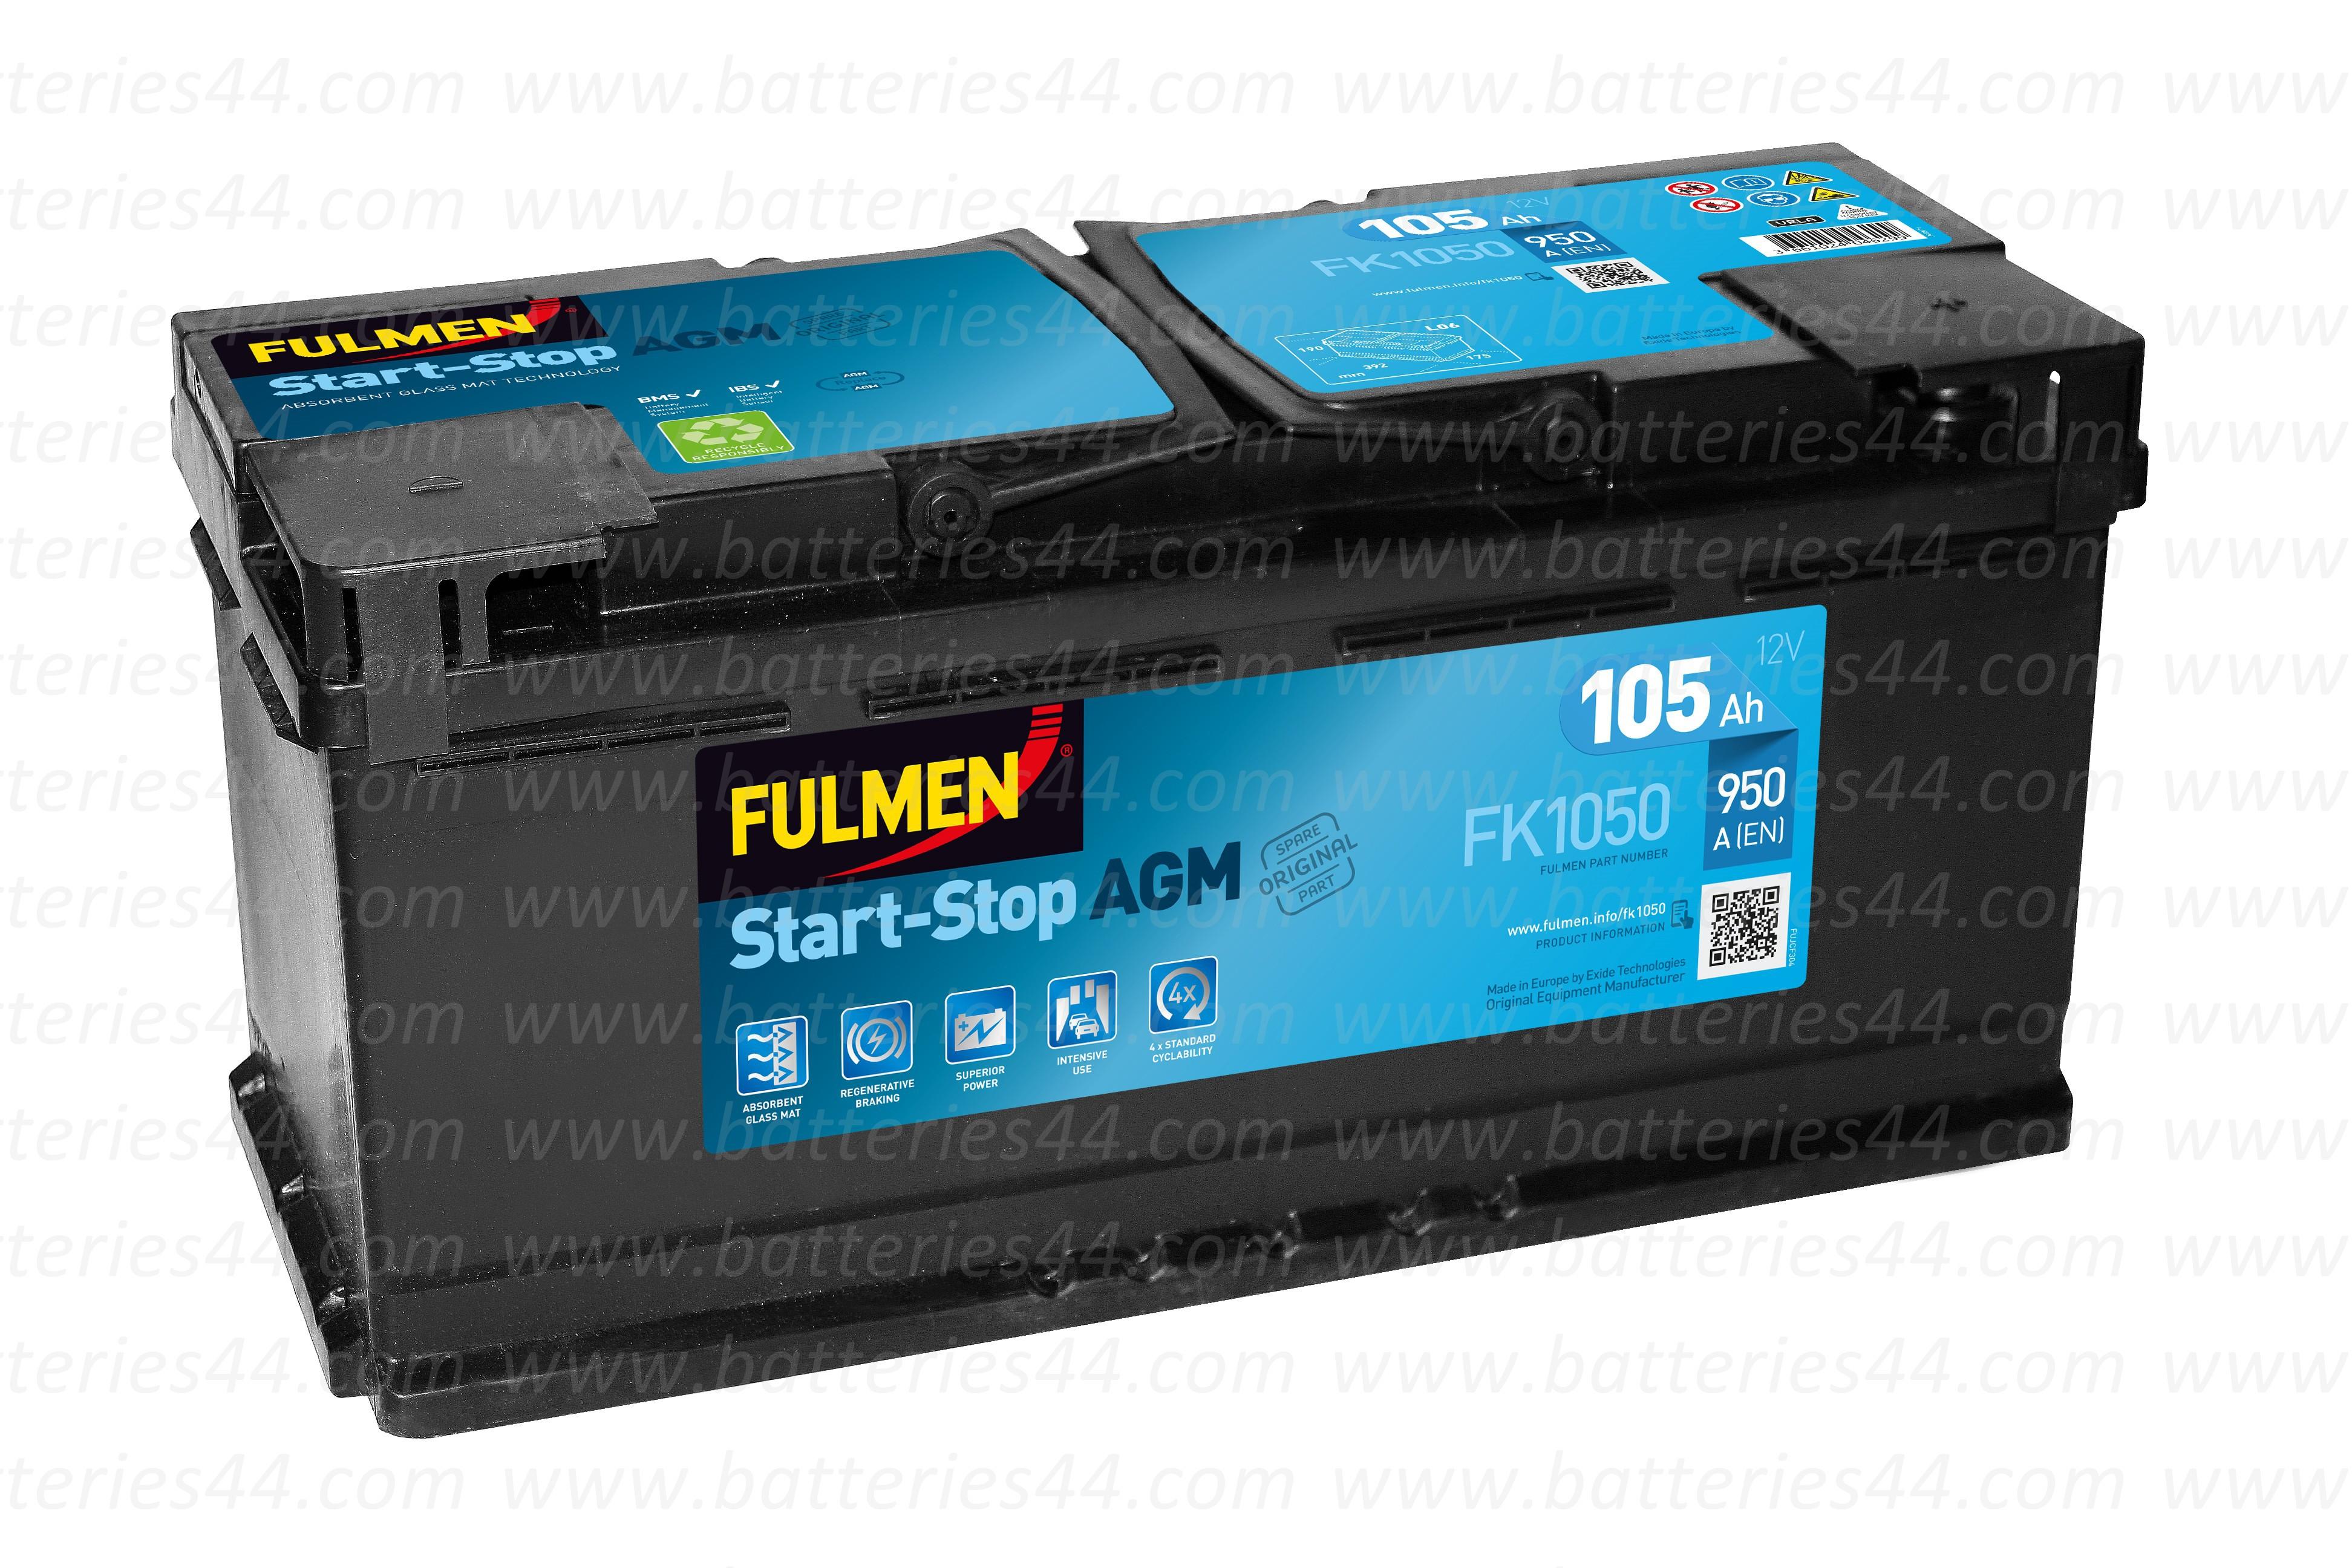 Batterie Fulmen AGM FK1050...